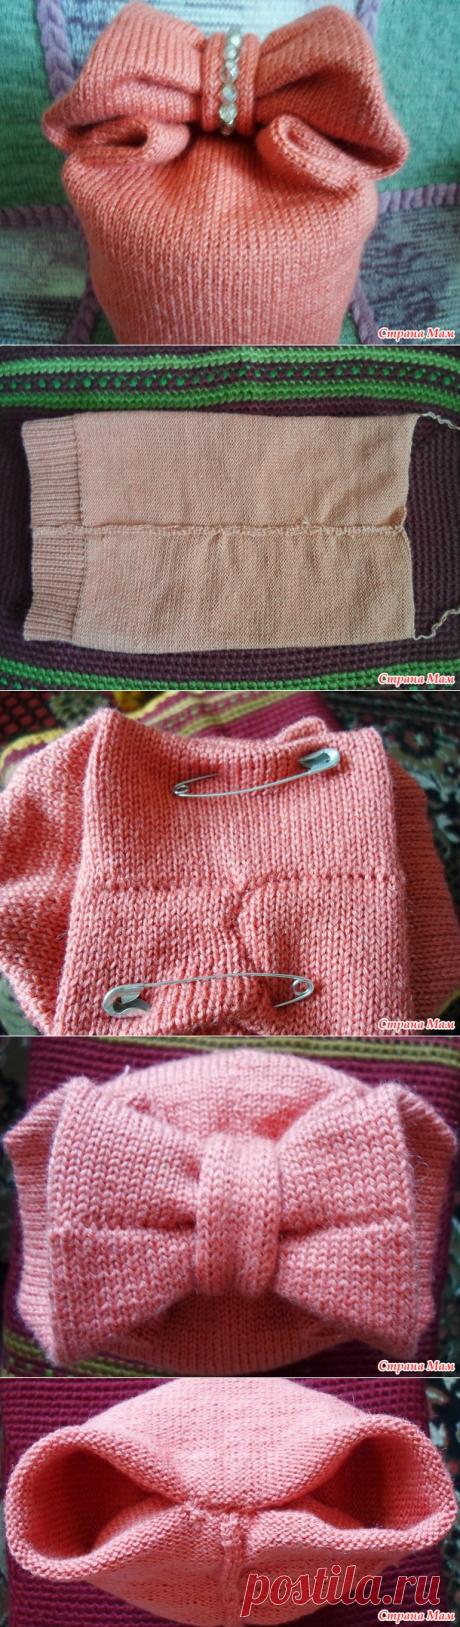 Шапка-бантик. (Мой бесплатный МК) - Машинное вязание - Страна Мам